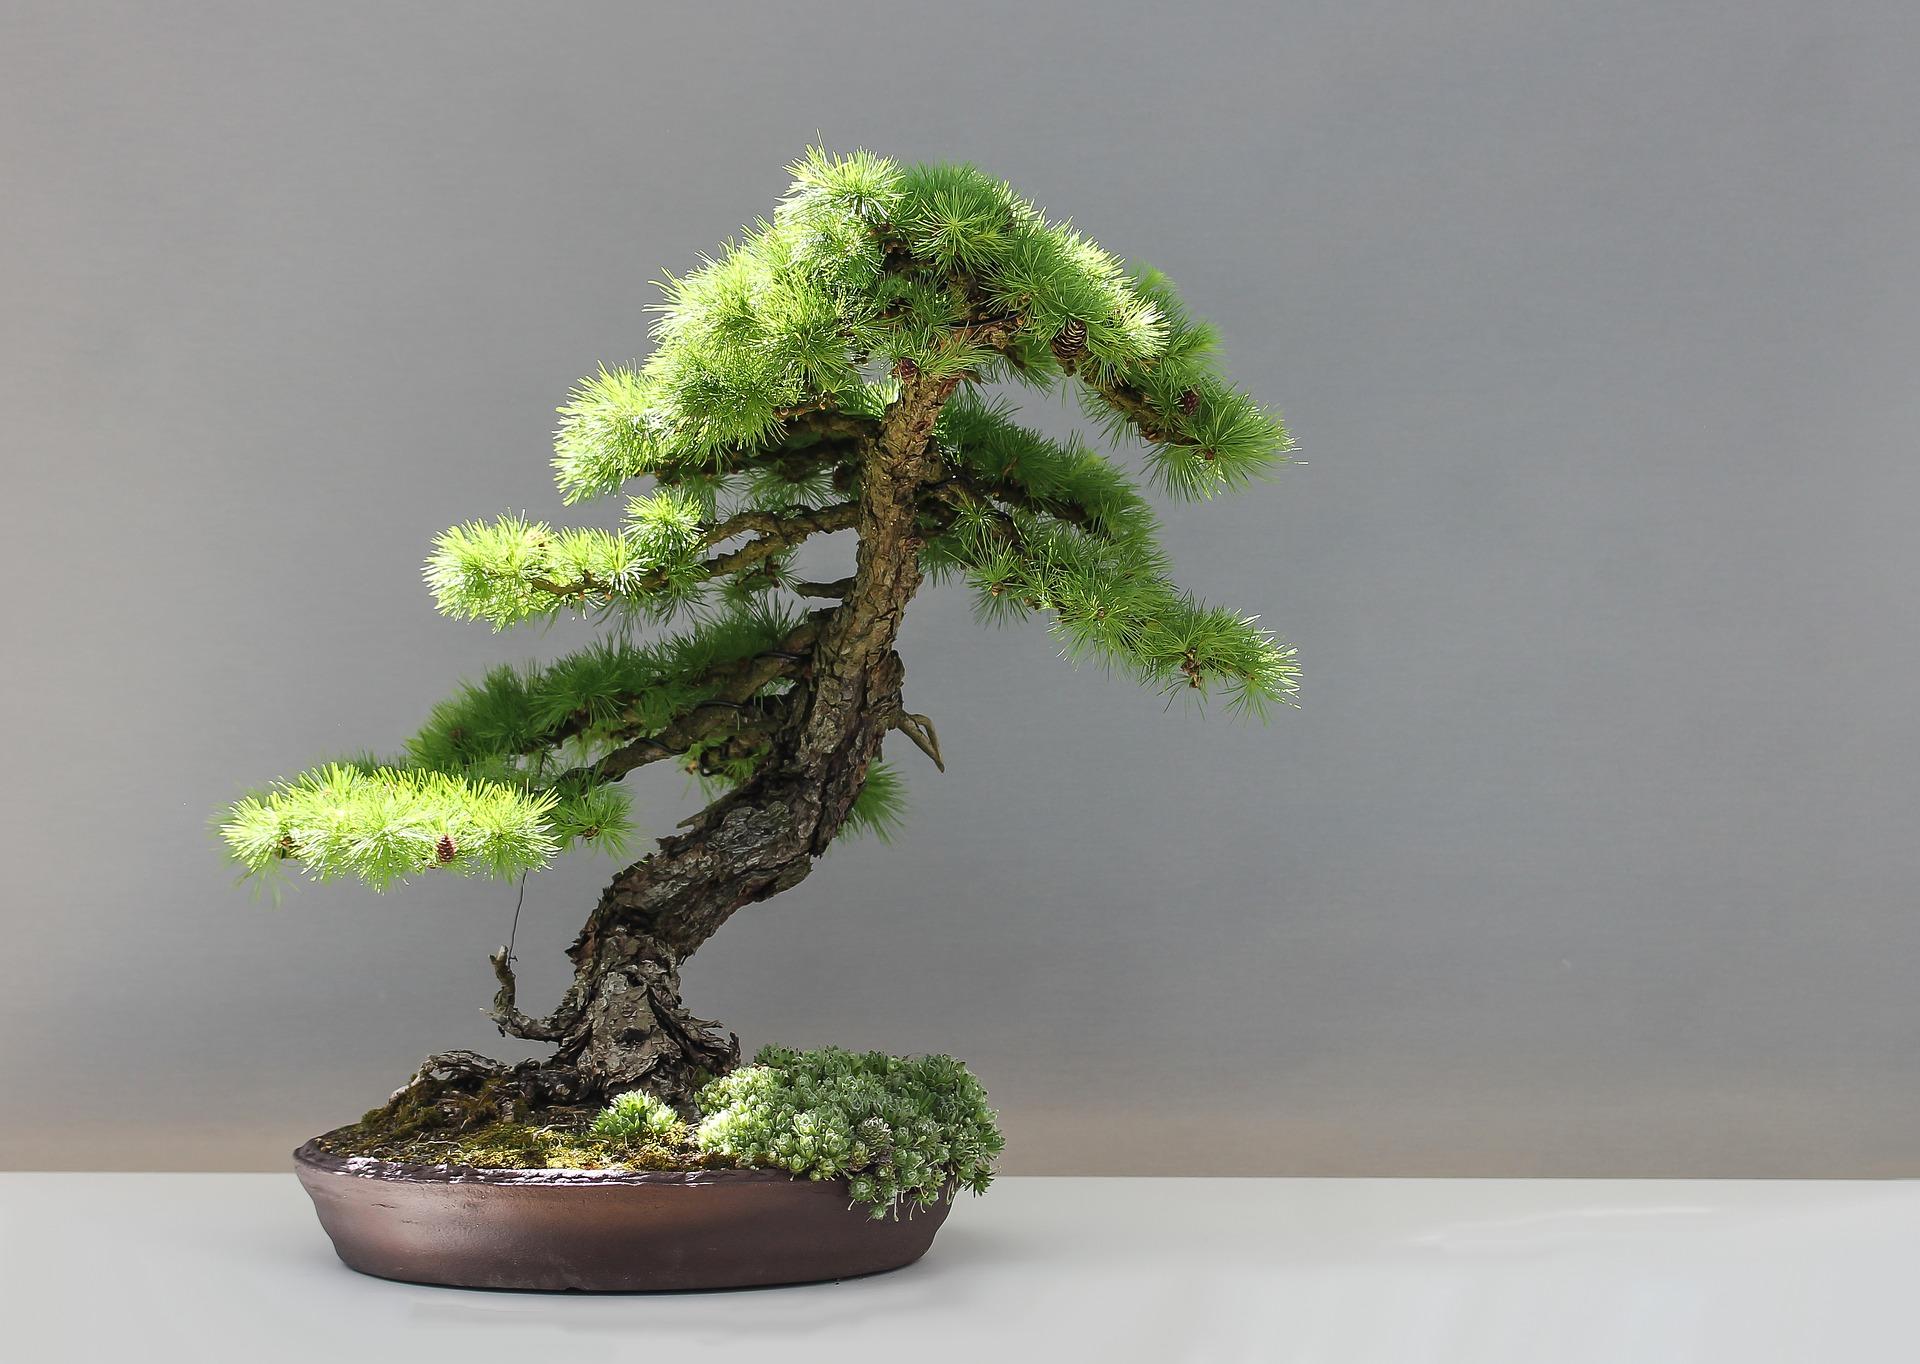 為甚麼日本盆栽價格高昂 動輒數十萬美元?